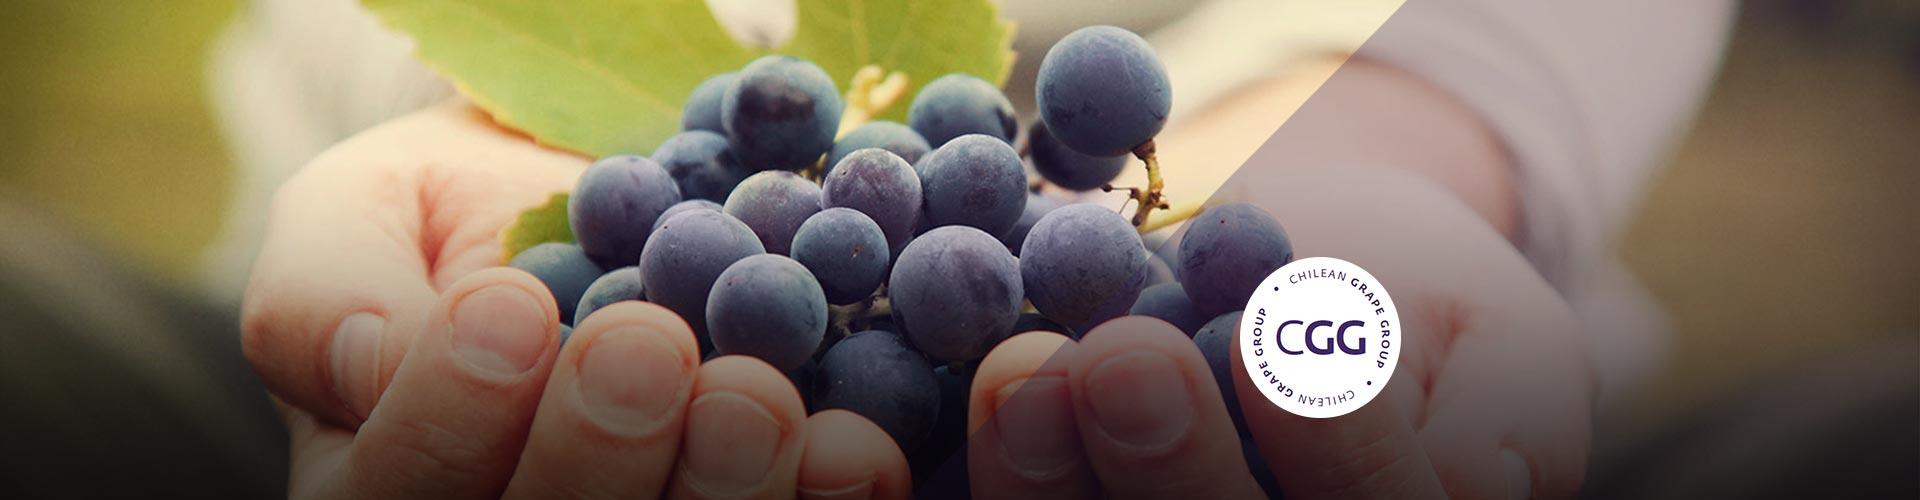 Chilean Grape Group - Chilean Grape Group